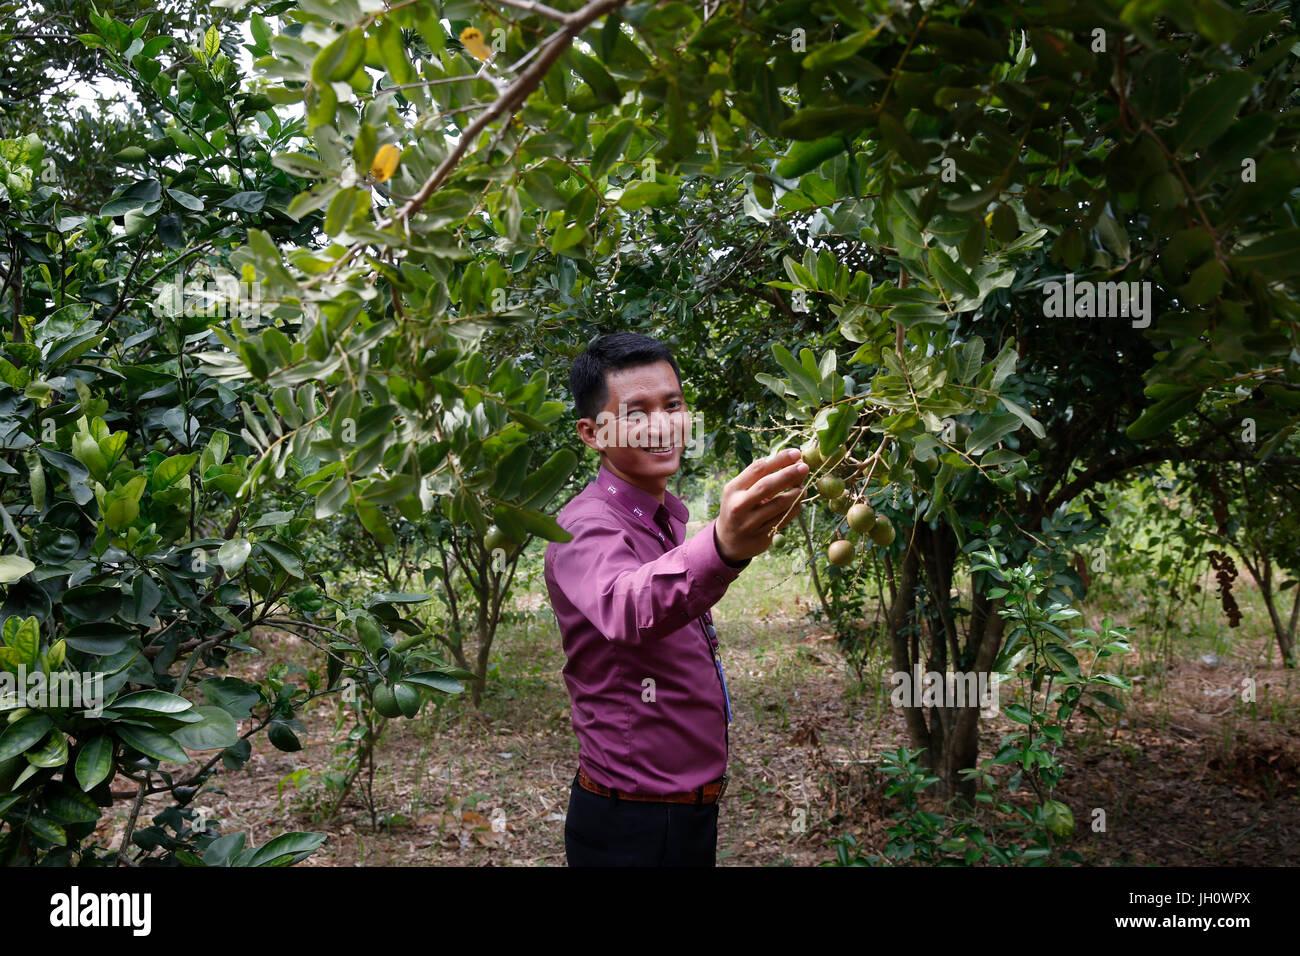 Tor Chanratana, AMK Mikrofinanz Niederlassungsleiter in einem Client Obstgarten. Kambodscha. Stockbild